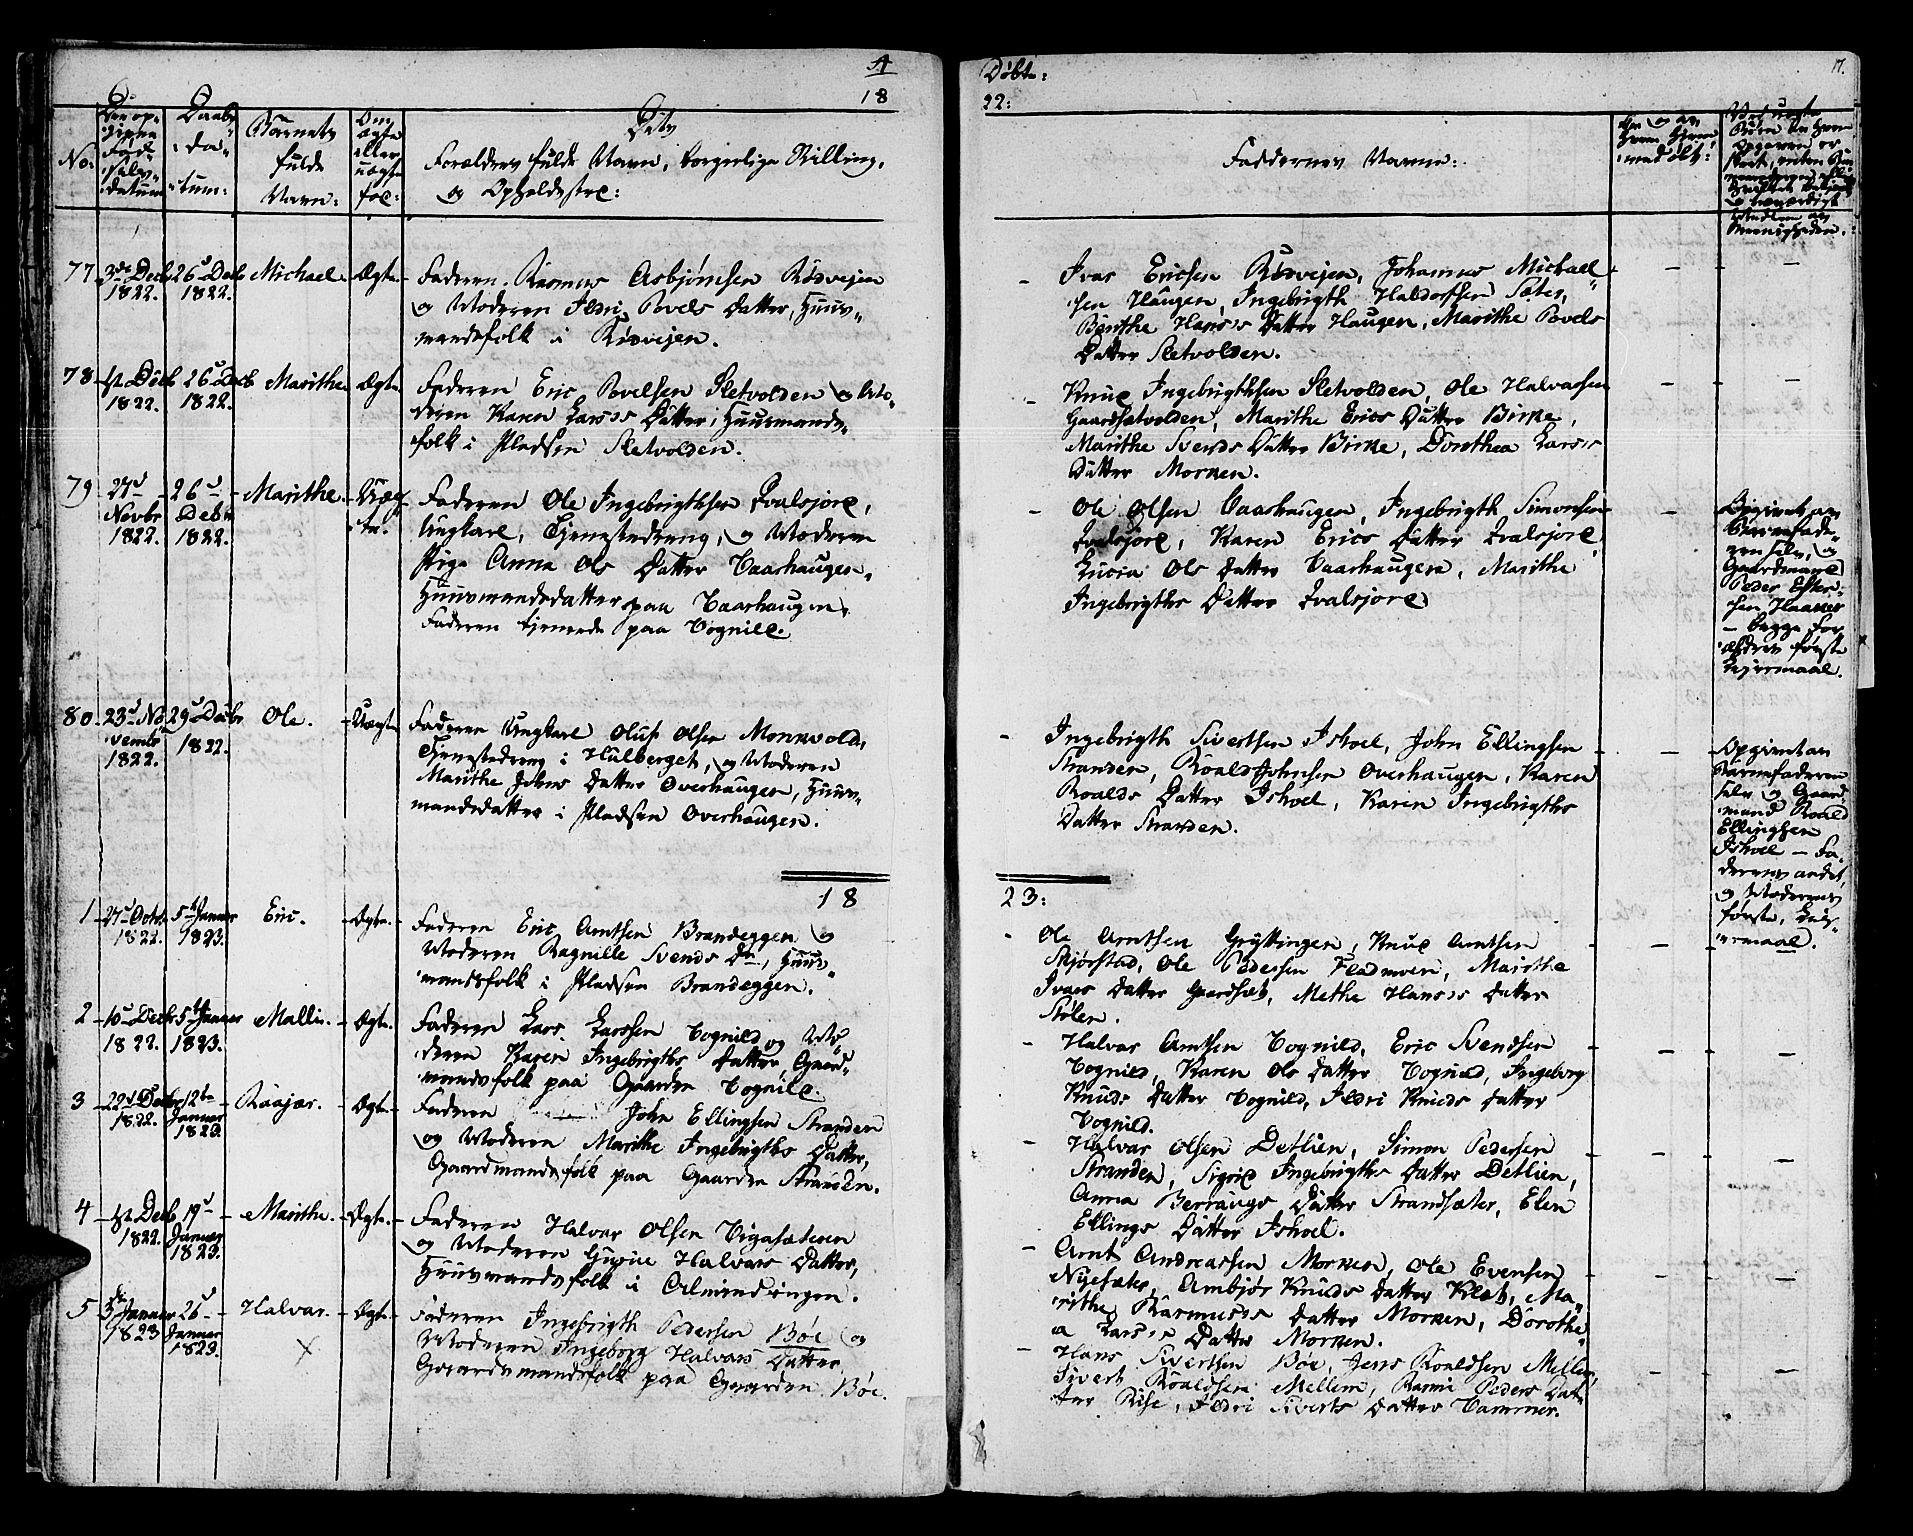 SAT, Ministerialprotokoller, klokkerbøker og fødselsregistre - Sør-Trøndelag, 678/L0897: Ministerialbok nr. 678A06-07, 1821-1847, s. 17